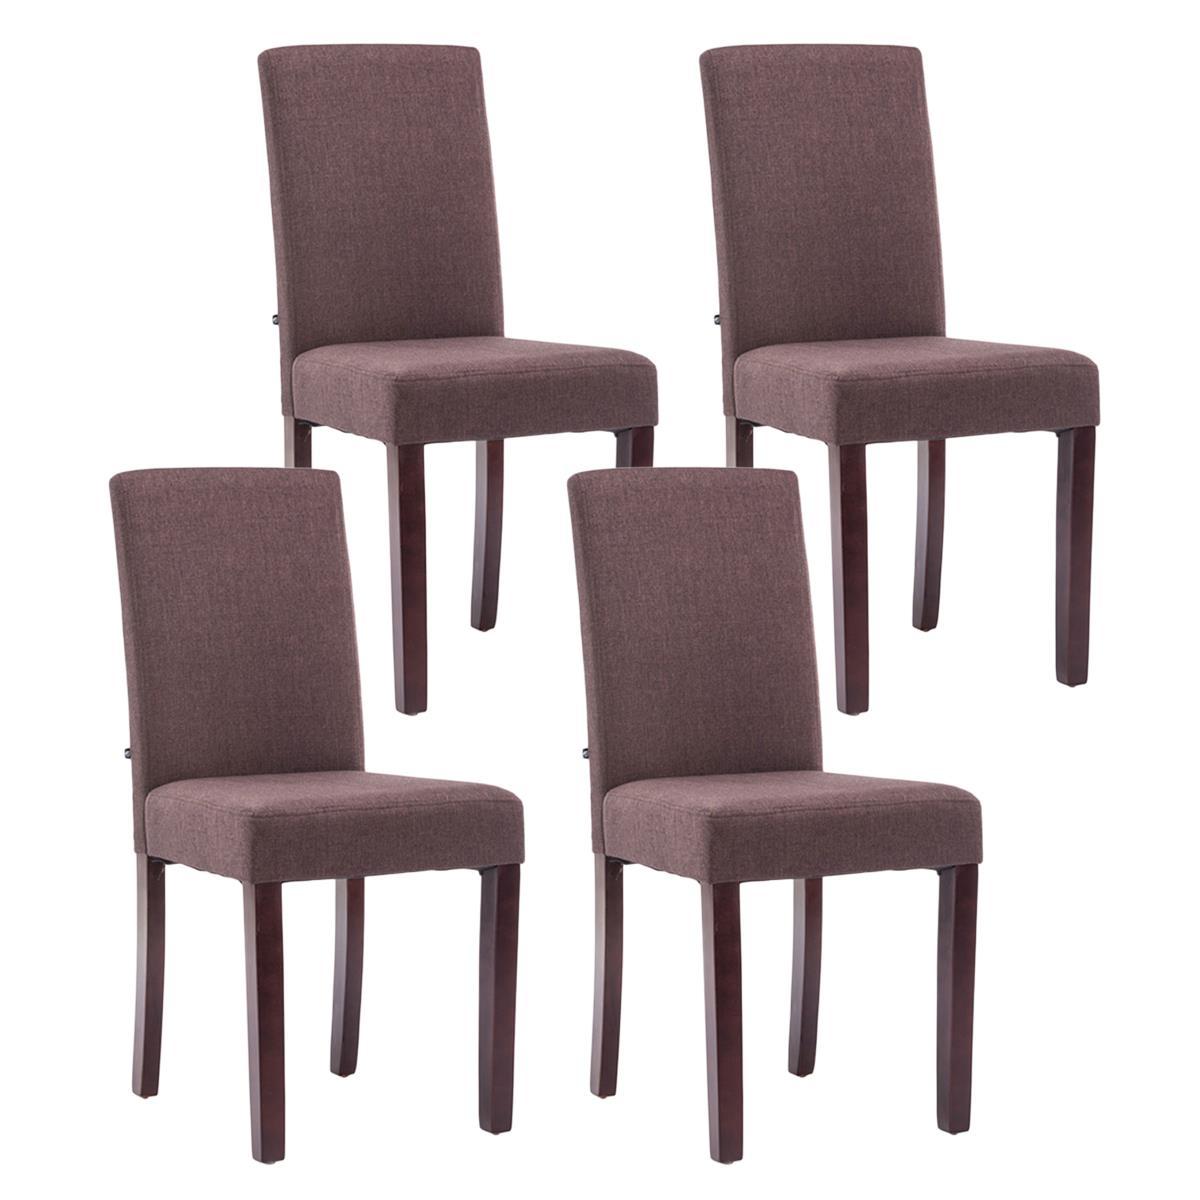 Conjunto de 4 sillas de comedor adria tapizadas en tela - Tela para sillas de comedor ...